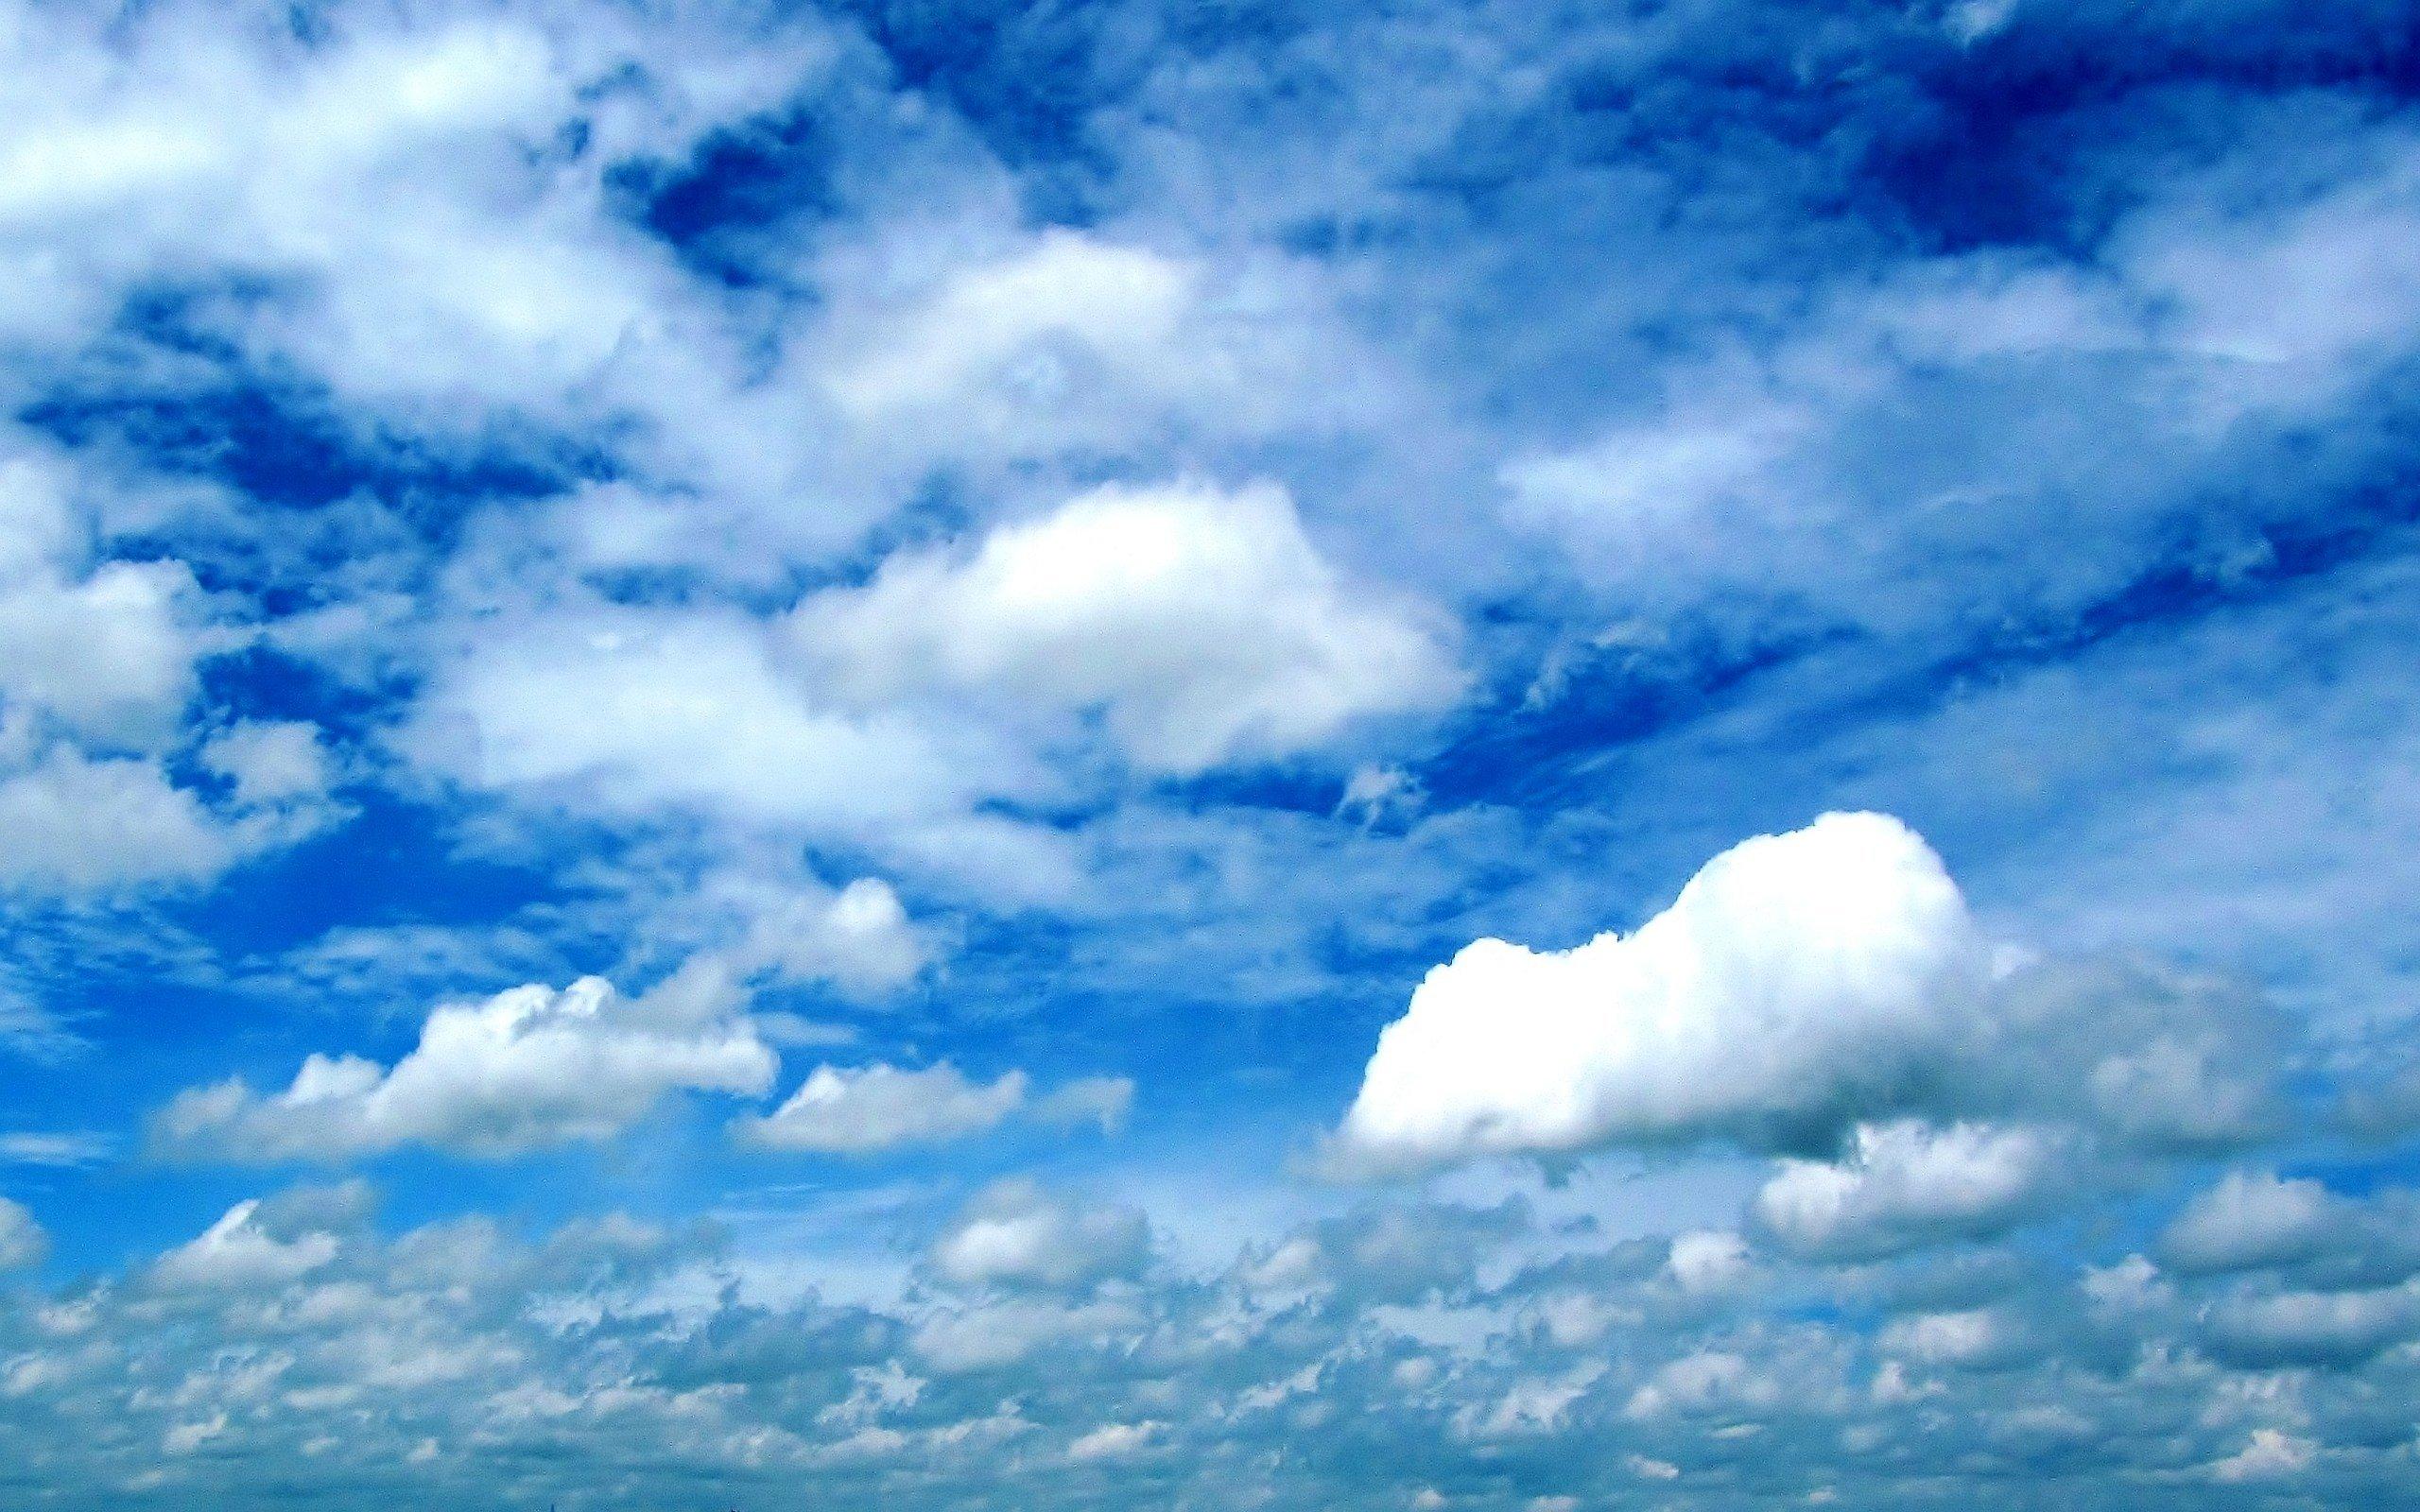 sky hd wallpaper wallpapersafari